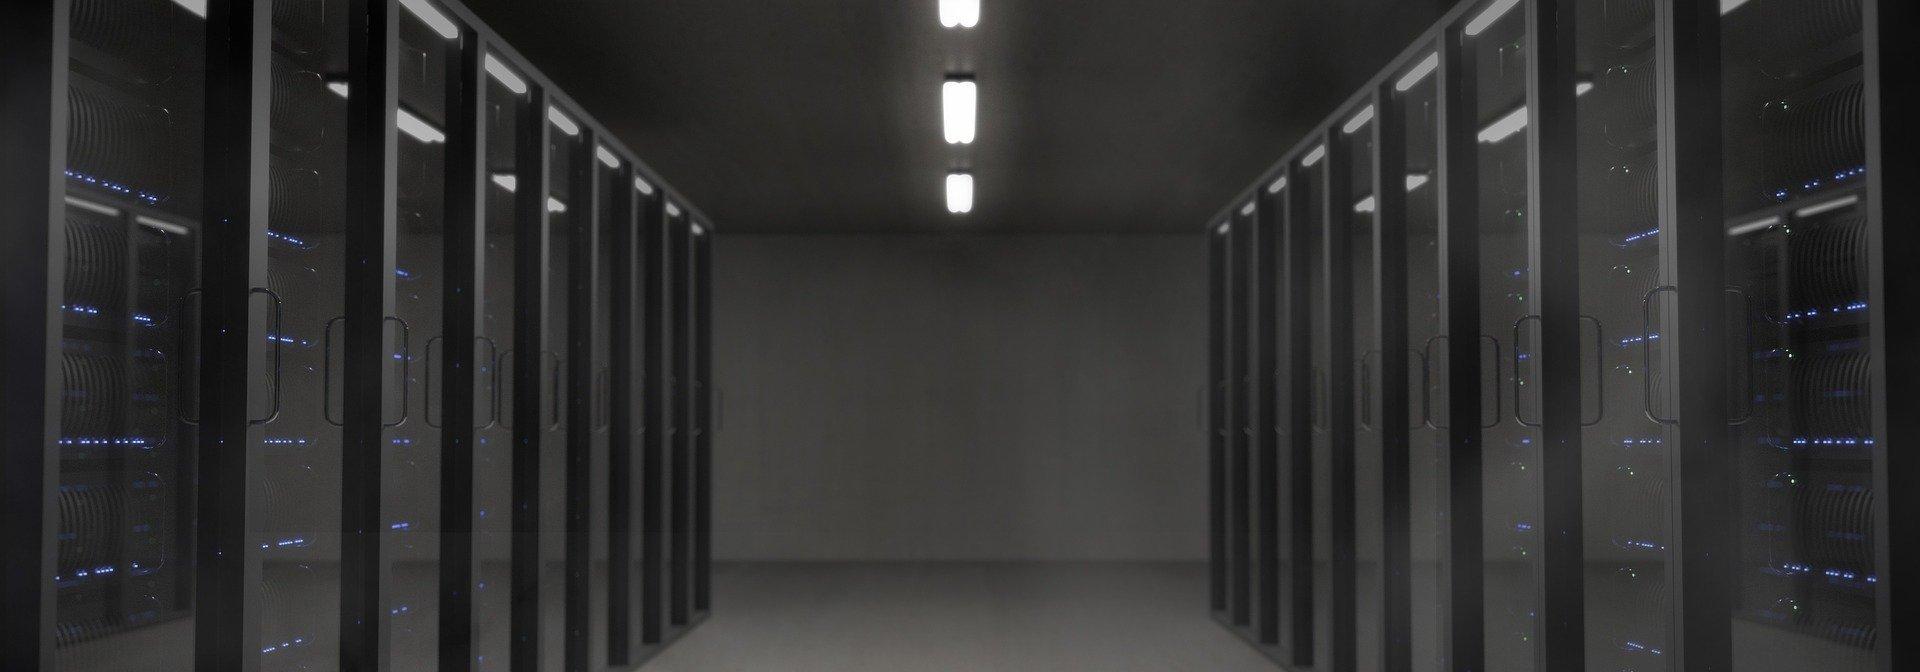 Inneneinsicht eins schwarzen Serverraums